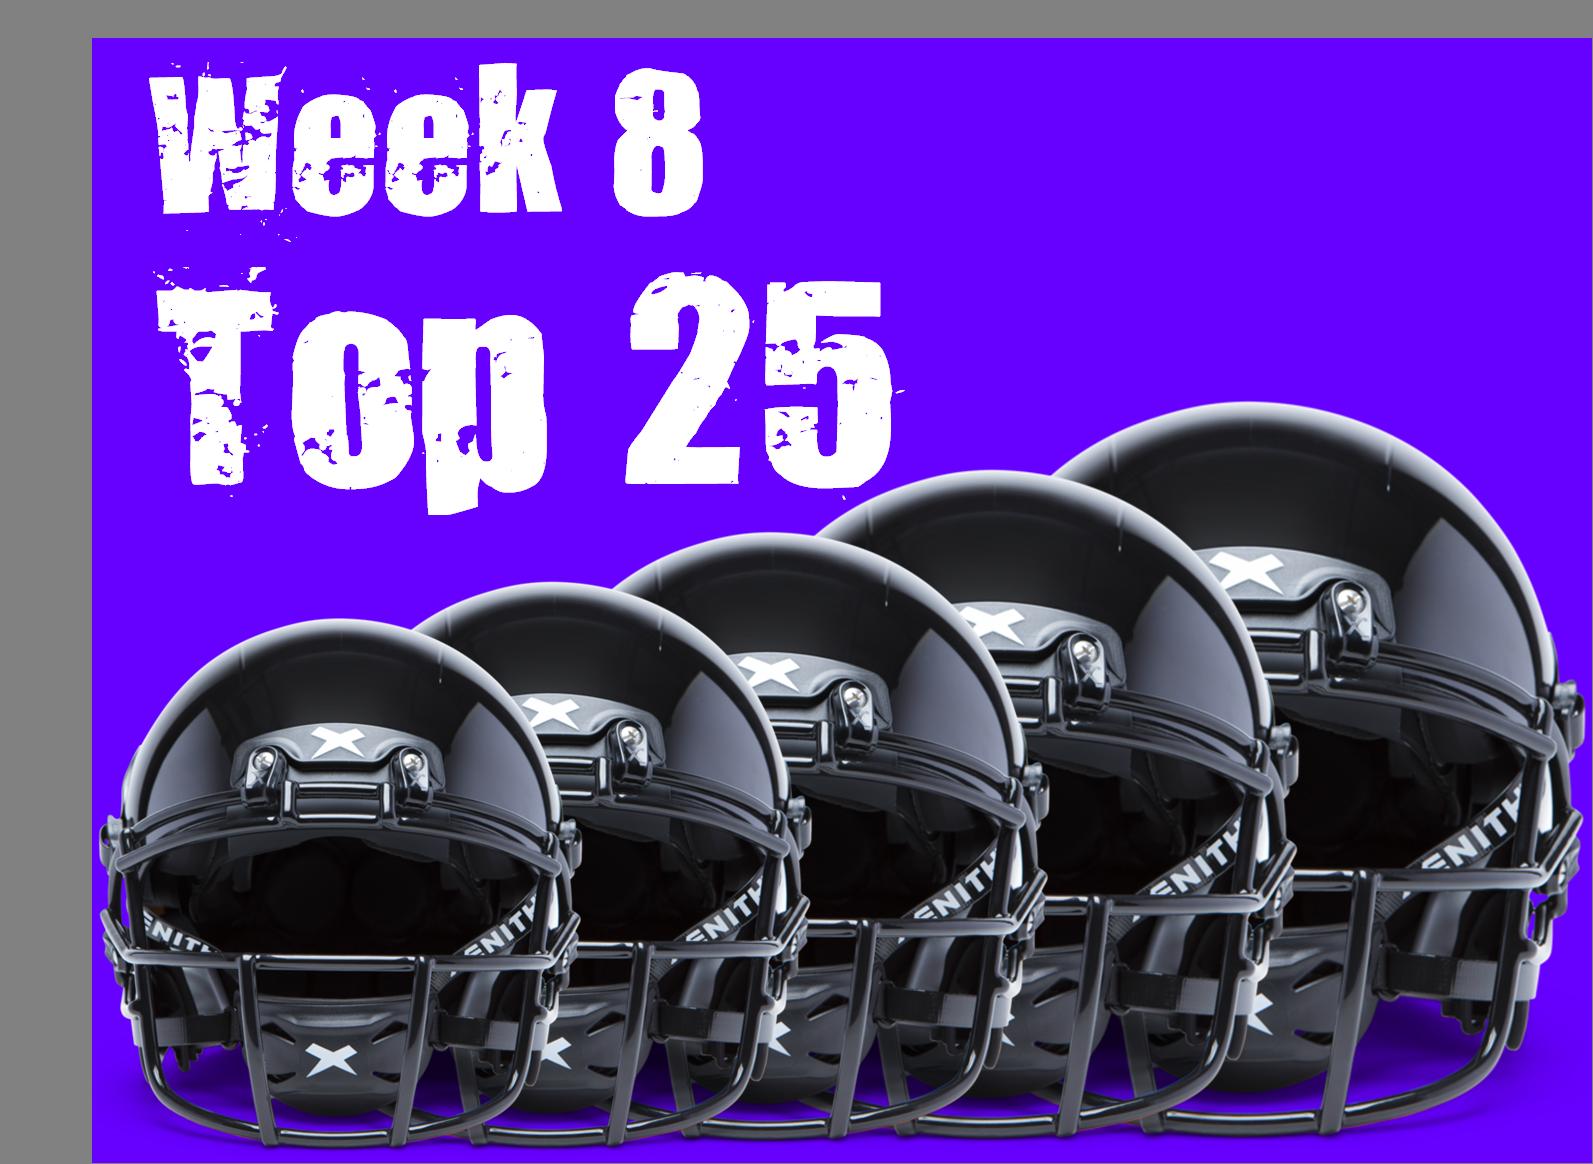 Week 8 FBS Top 25